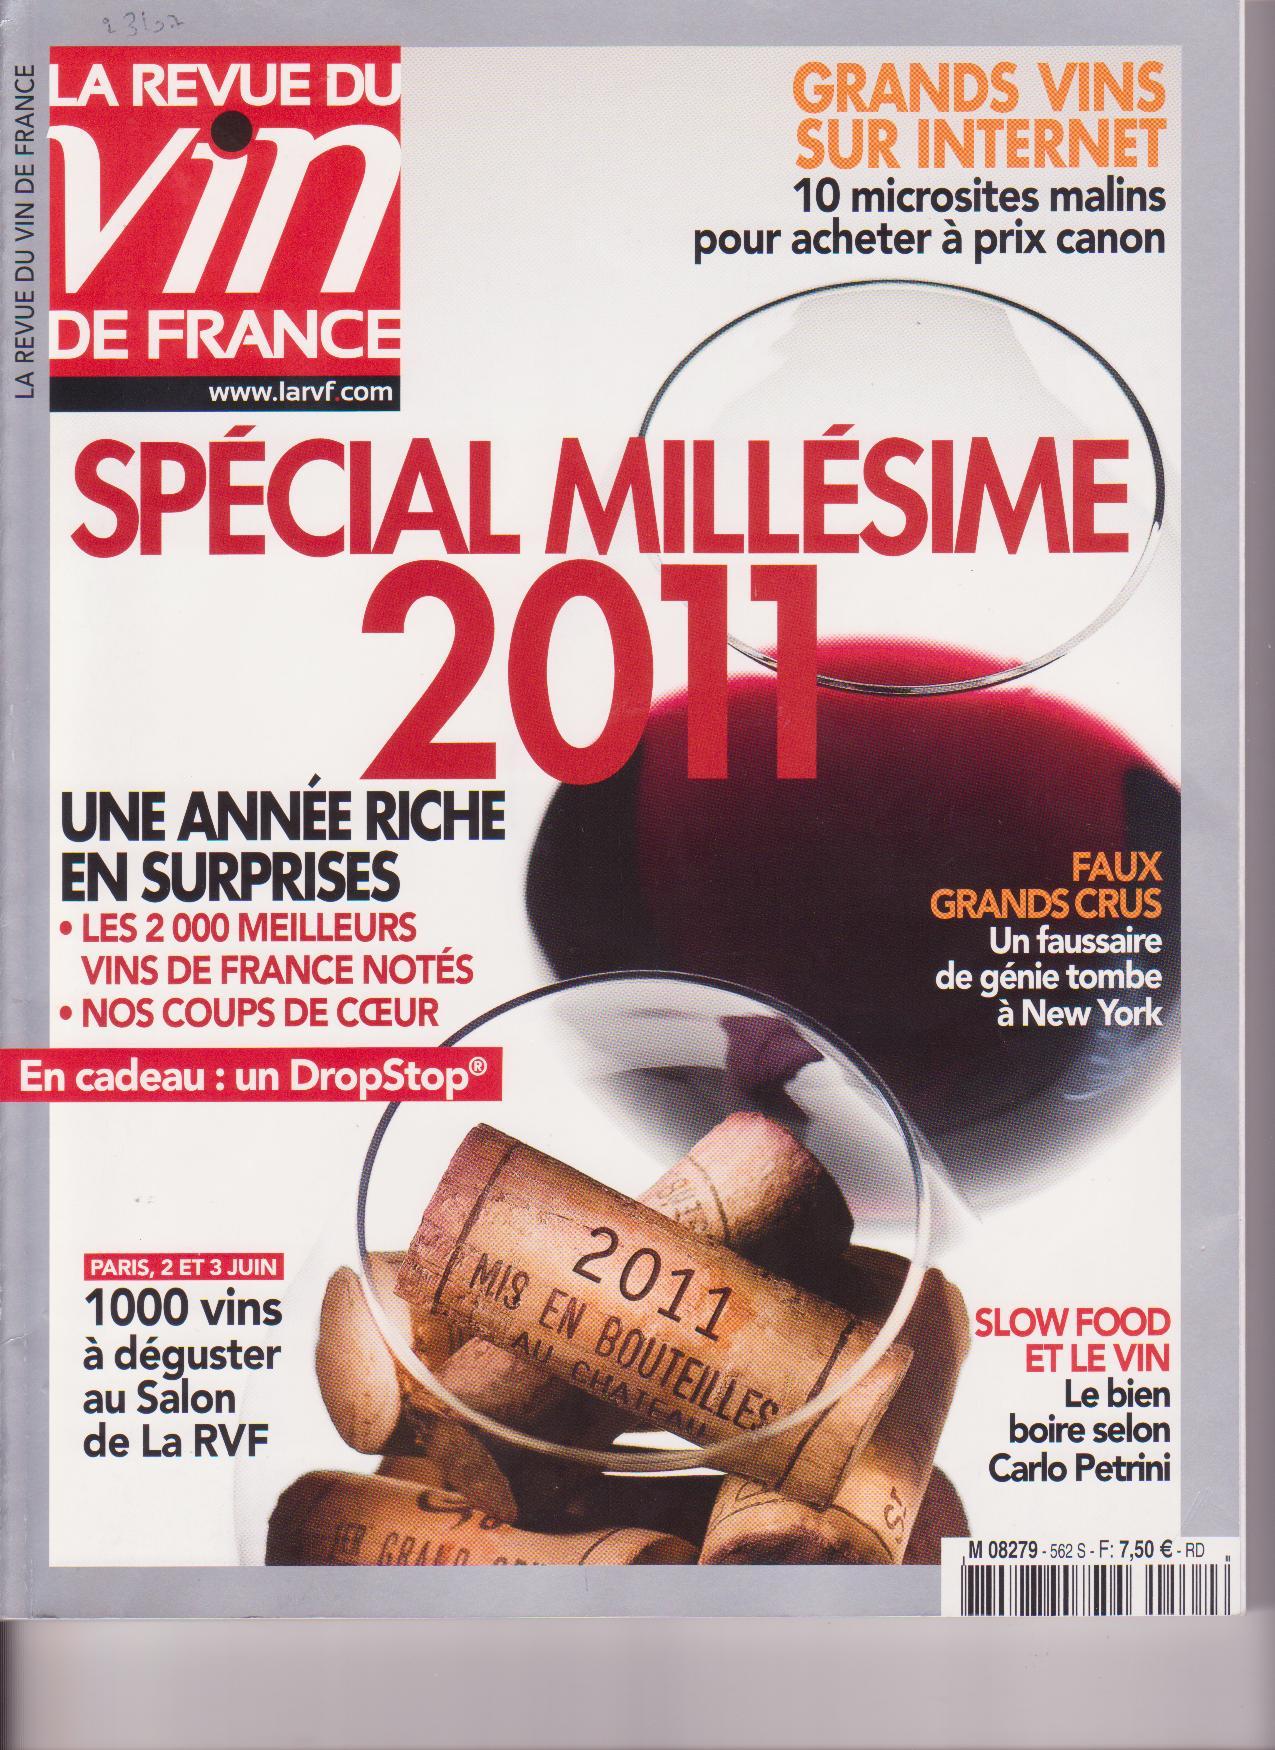 RVF Hors Série 2011